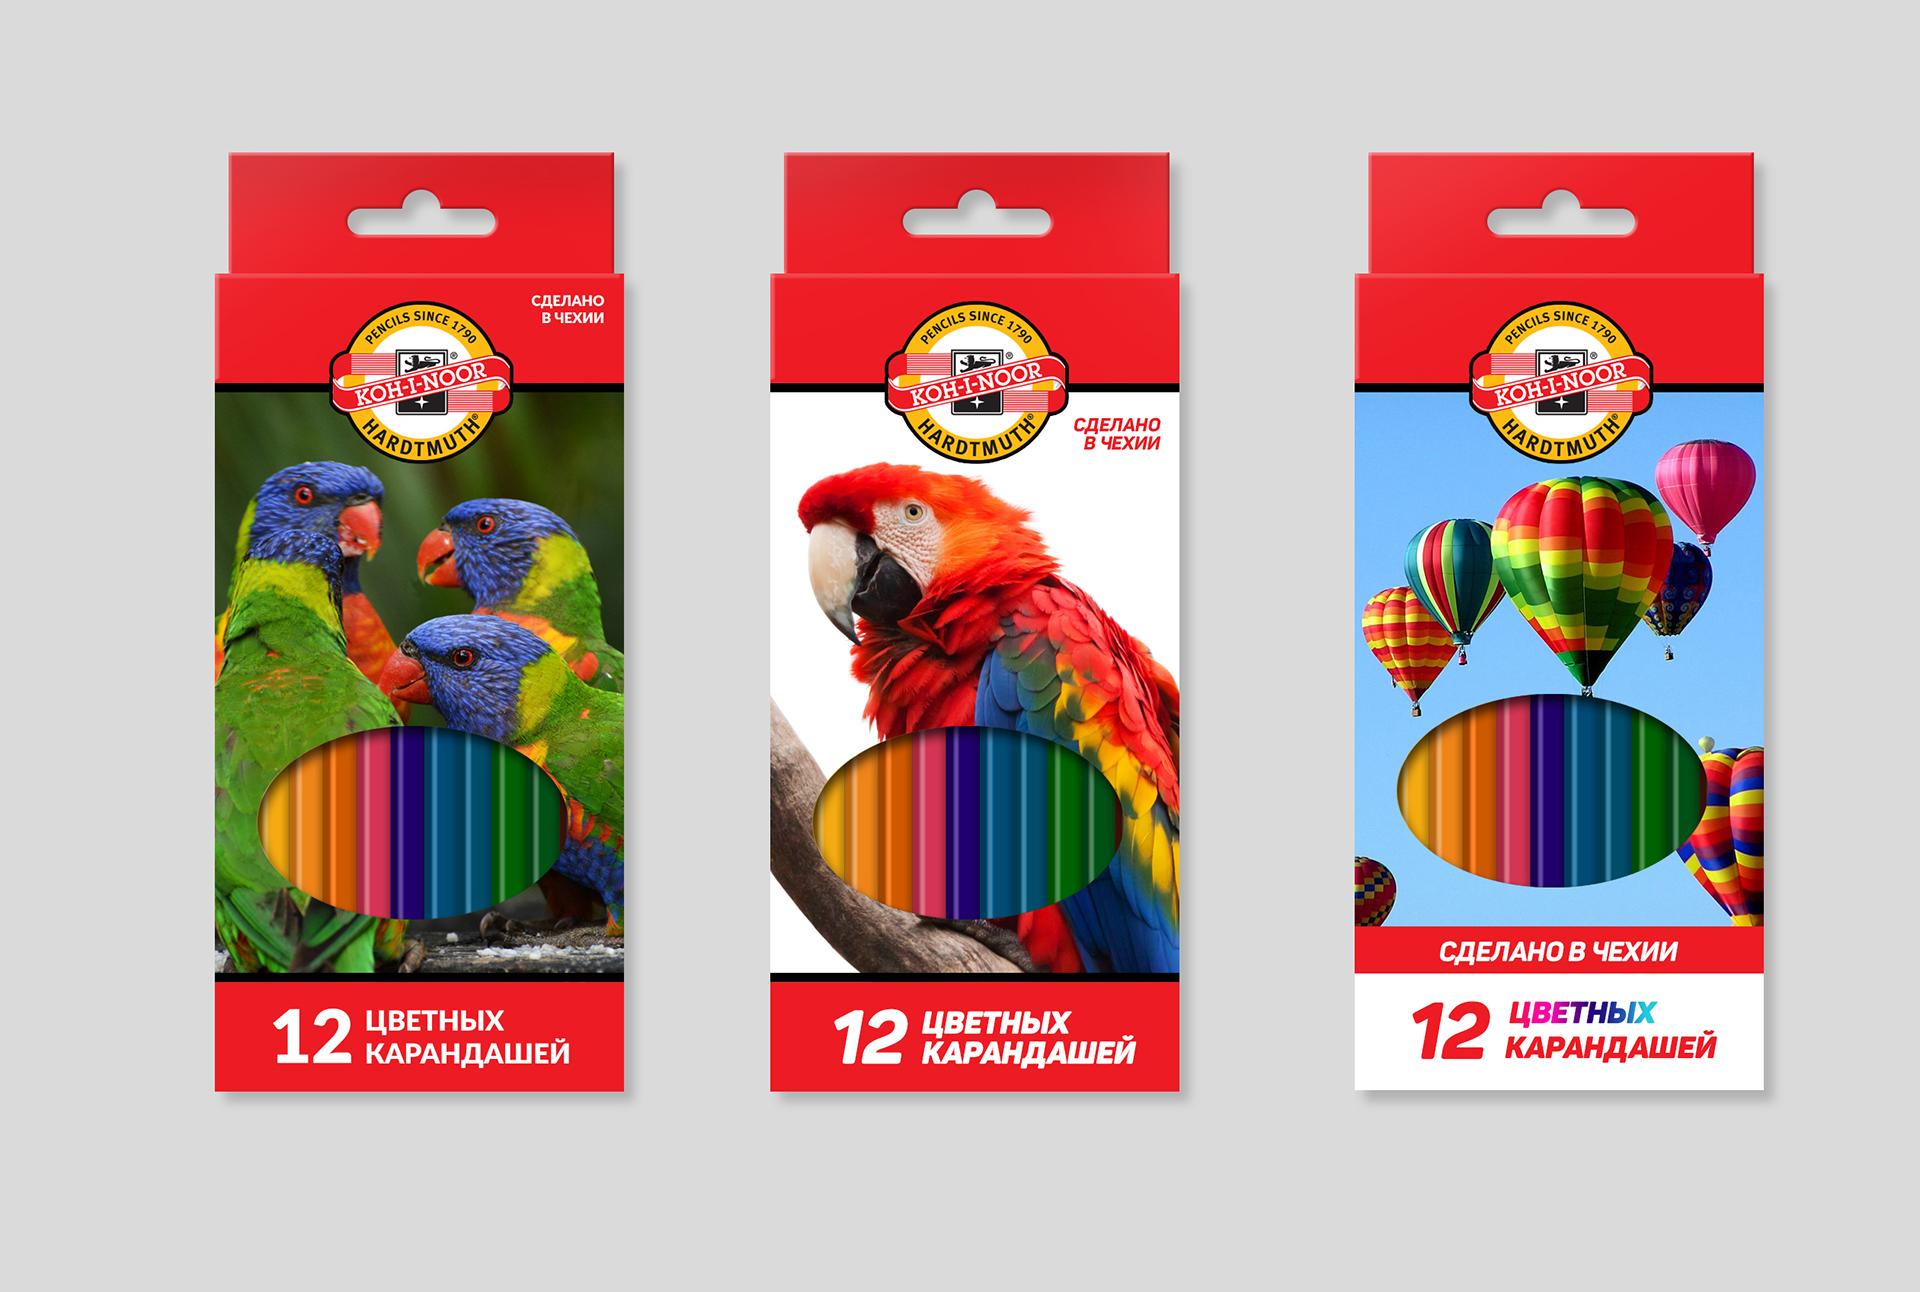 Разработка дизайна упаковки для чешского бренда KOH-I-NOOR фото f_23959e618c6da812.jpg